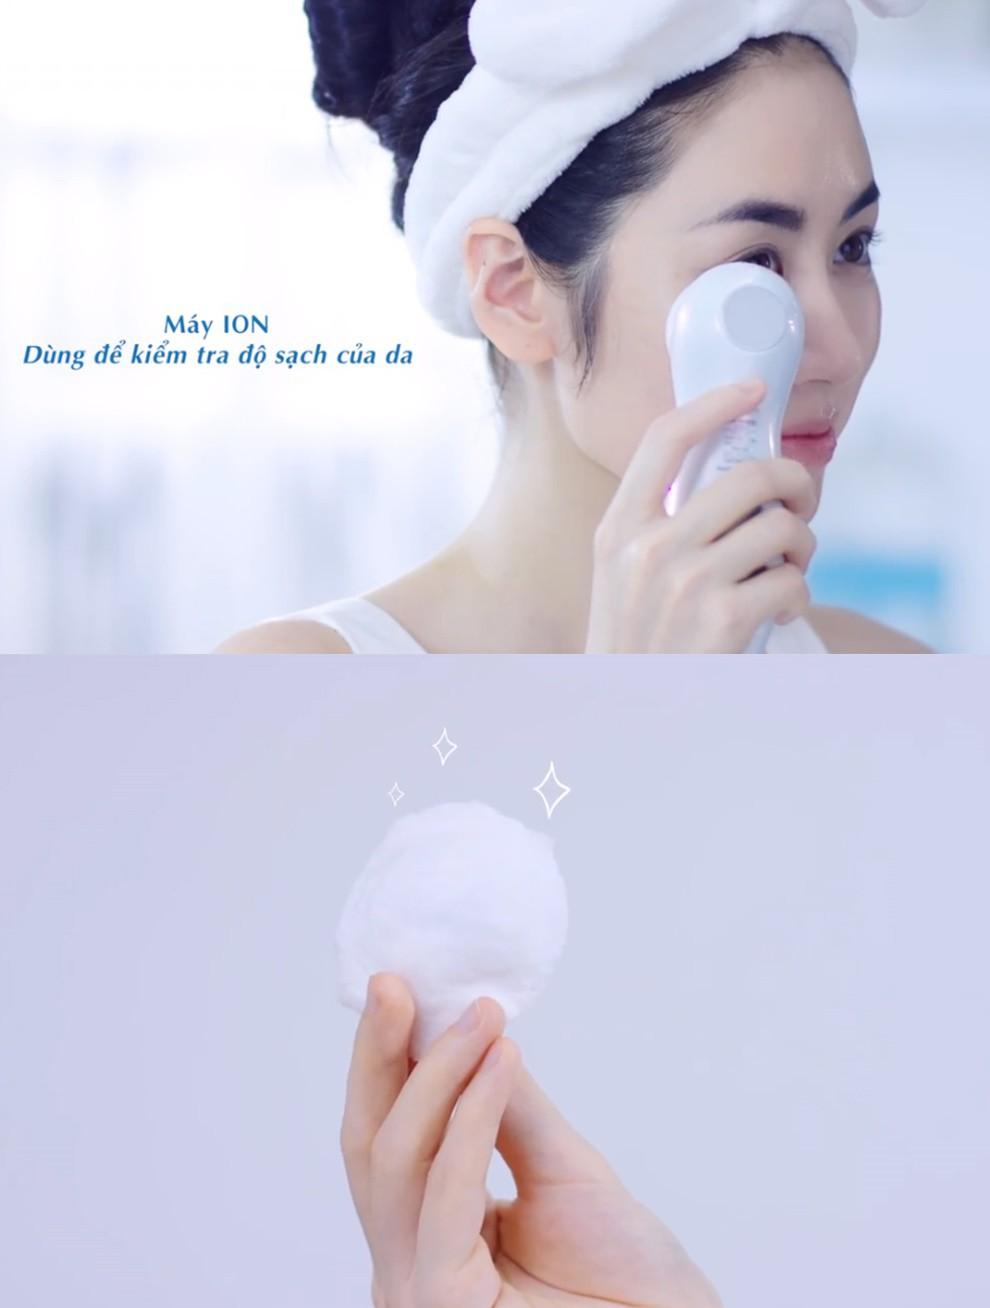 Nghe lời beauty blogger Mai Vân Trang làm ngay 3 thí nghiệm kiểm tra sản phẩm rửa mặt bạn đang dùng kẻo hối hận không kịp! - Ảnh 4.